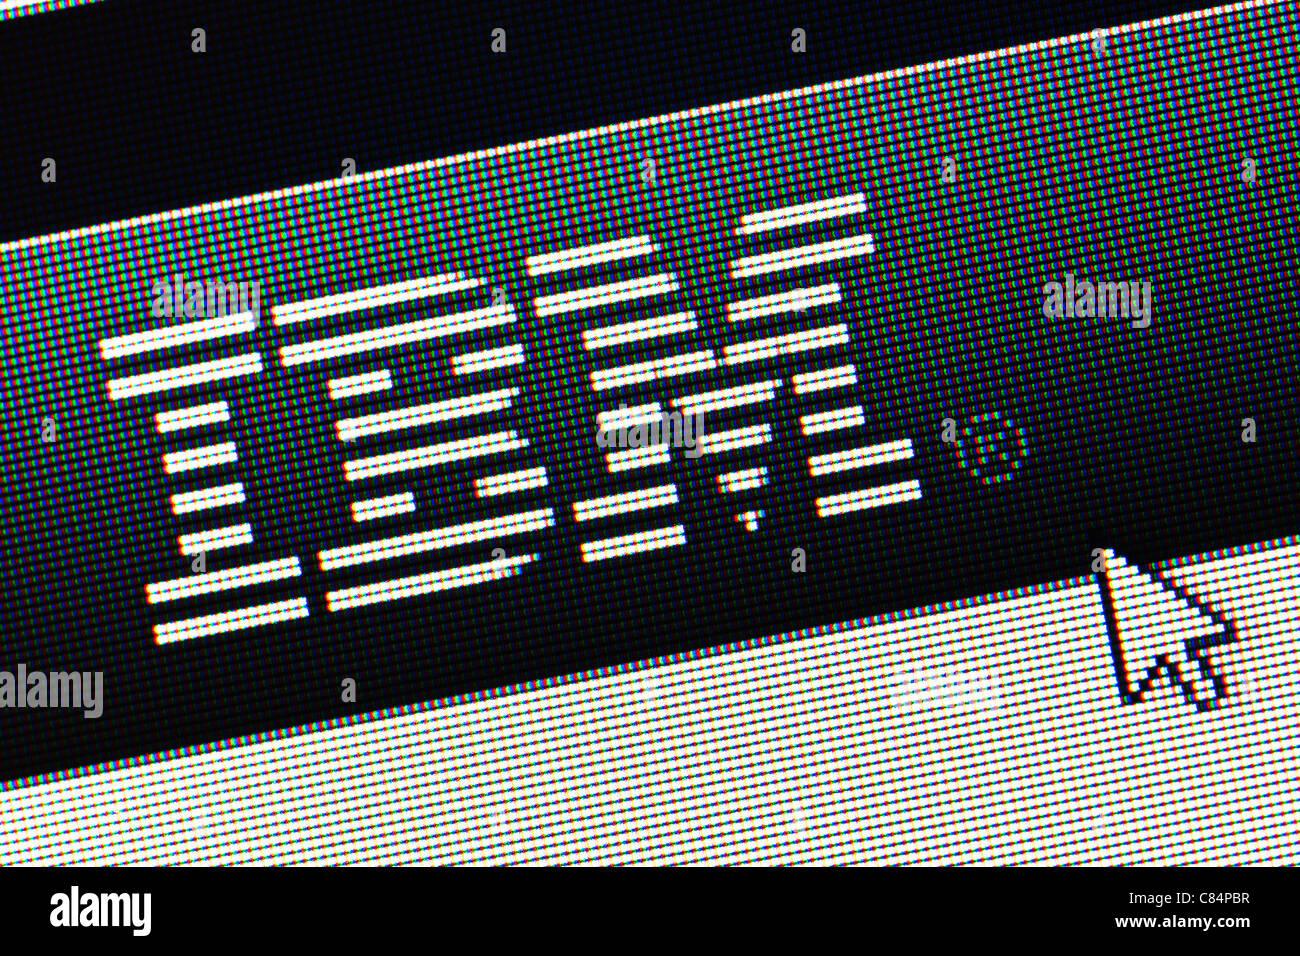 IBM logo and website close up